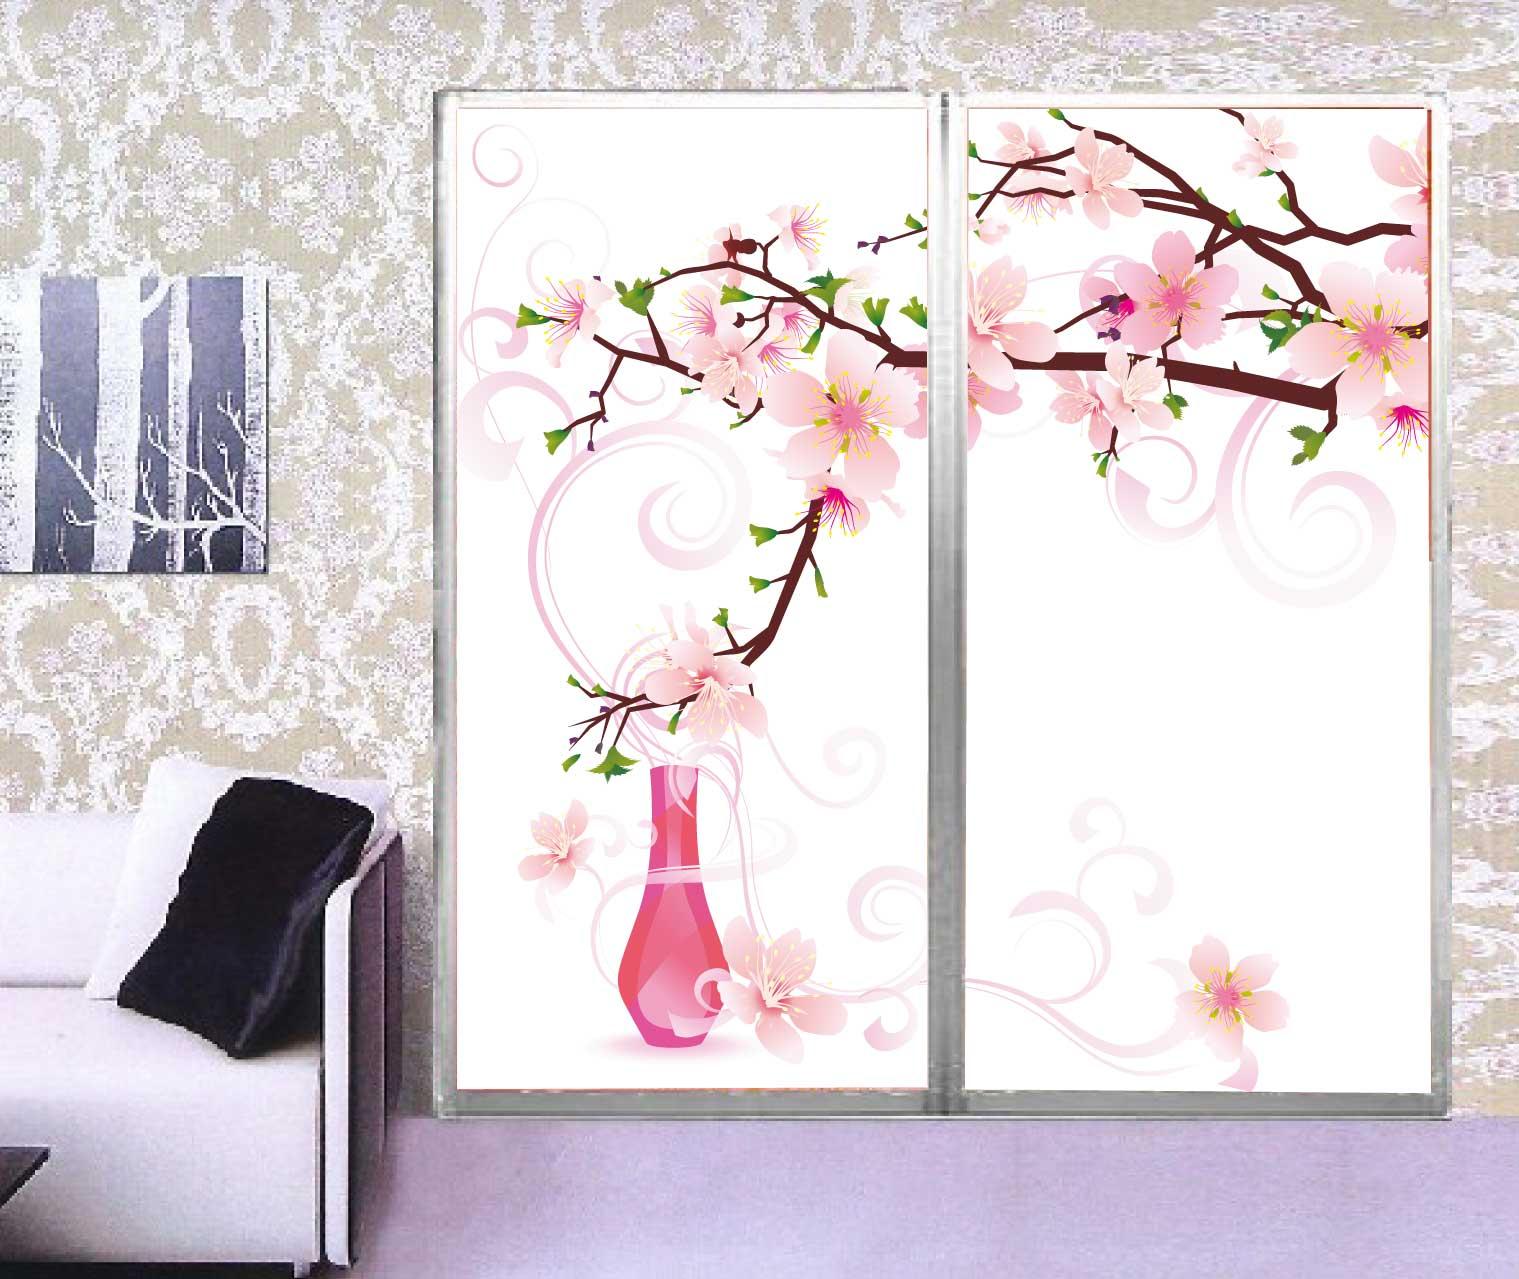 MS透明隔断厨柜移门推拉门粉色花卉